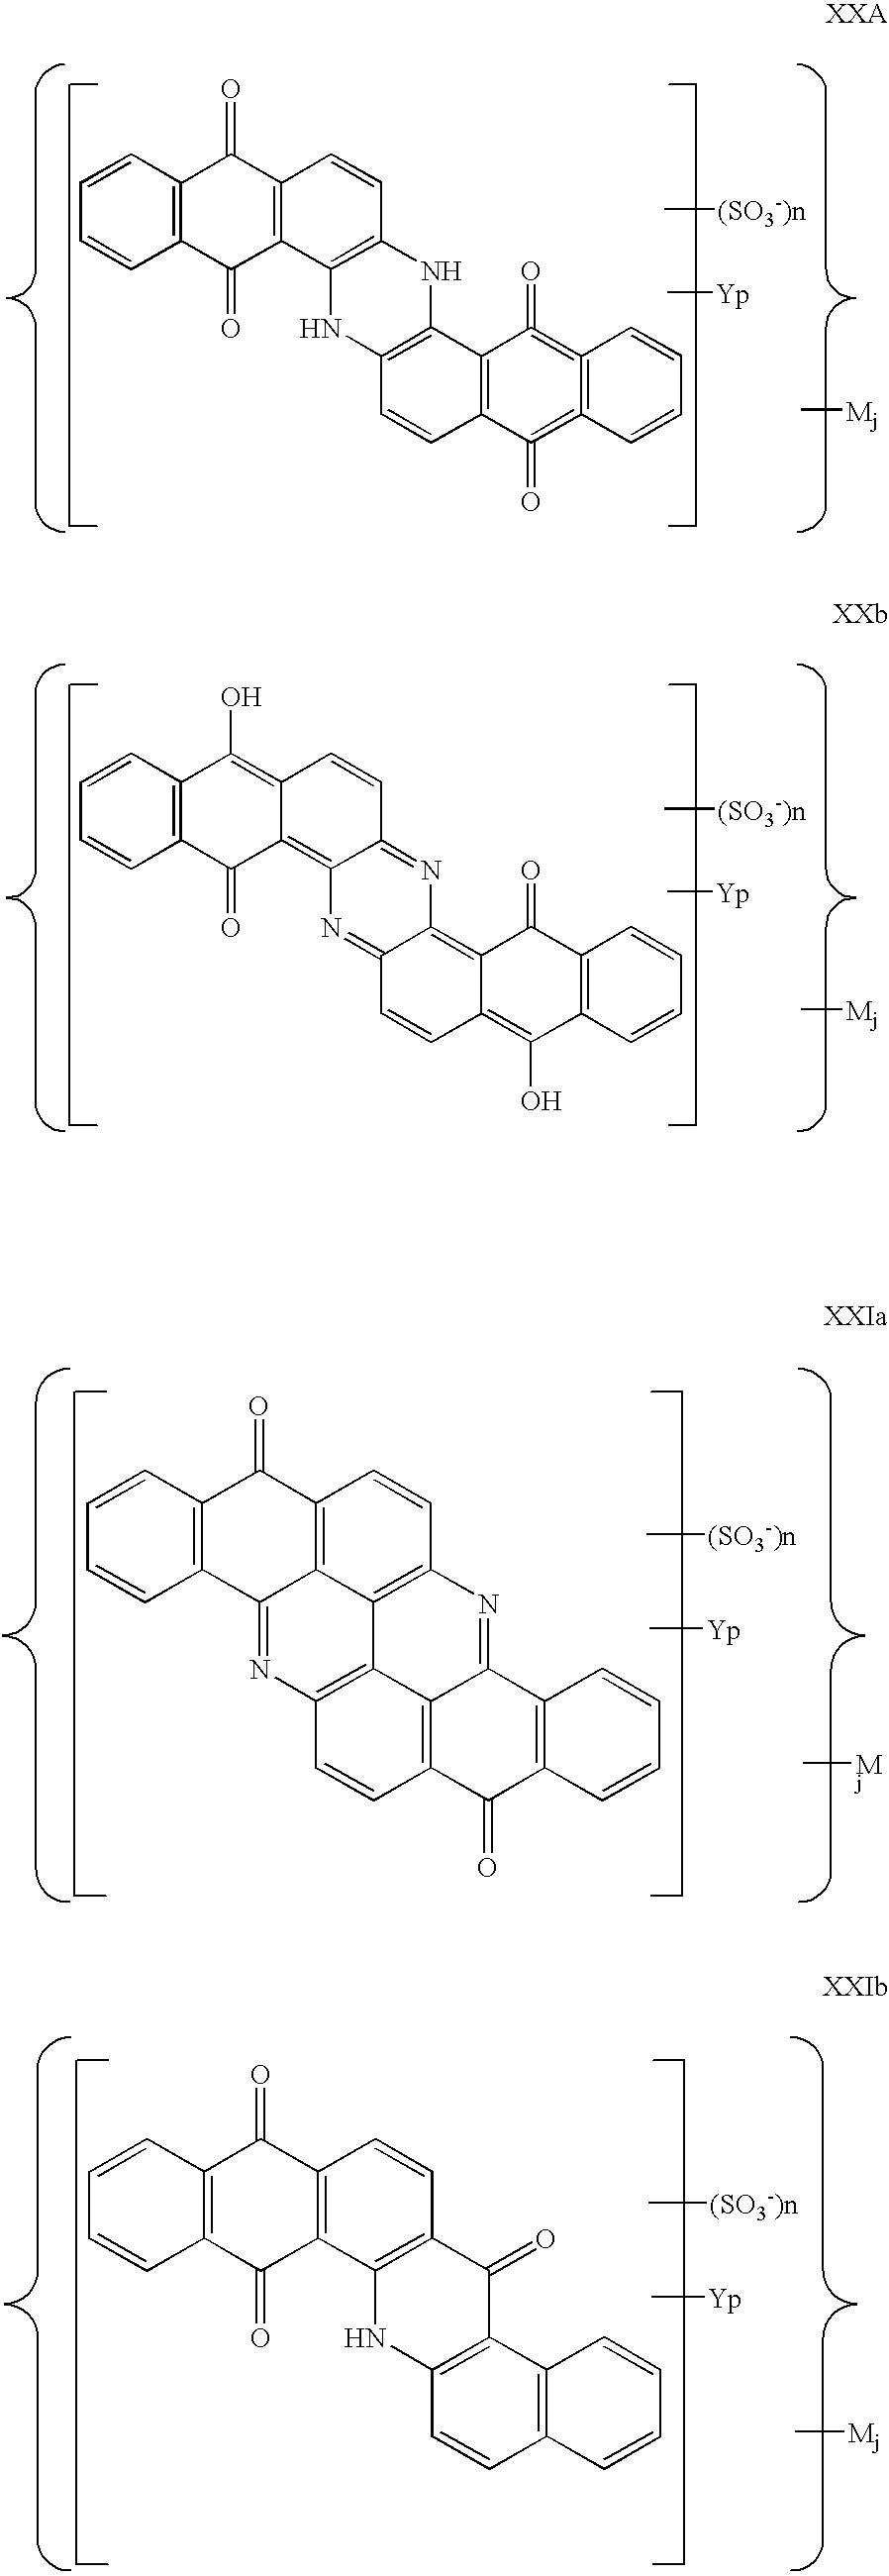 Figure US20050104027A1-20050519-C00072